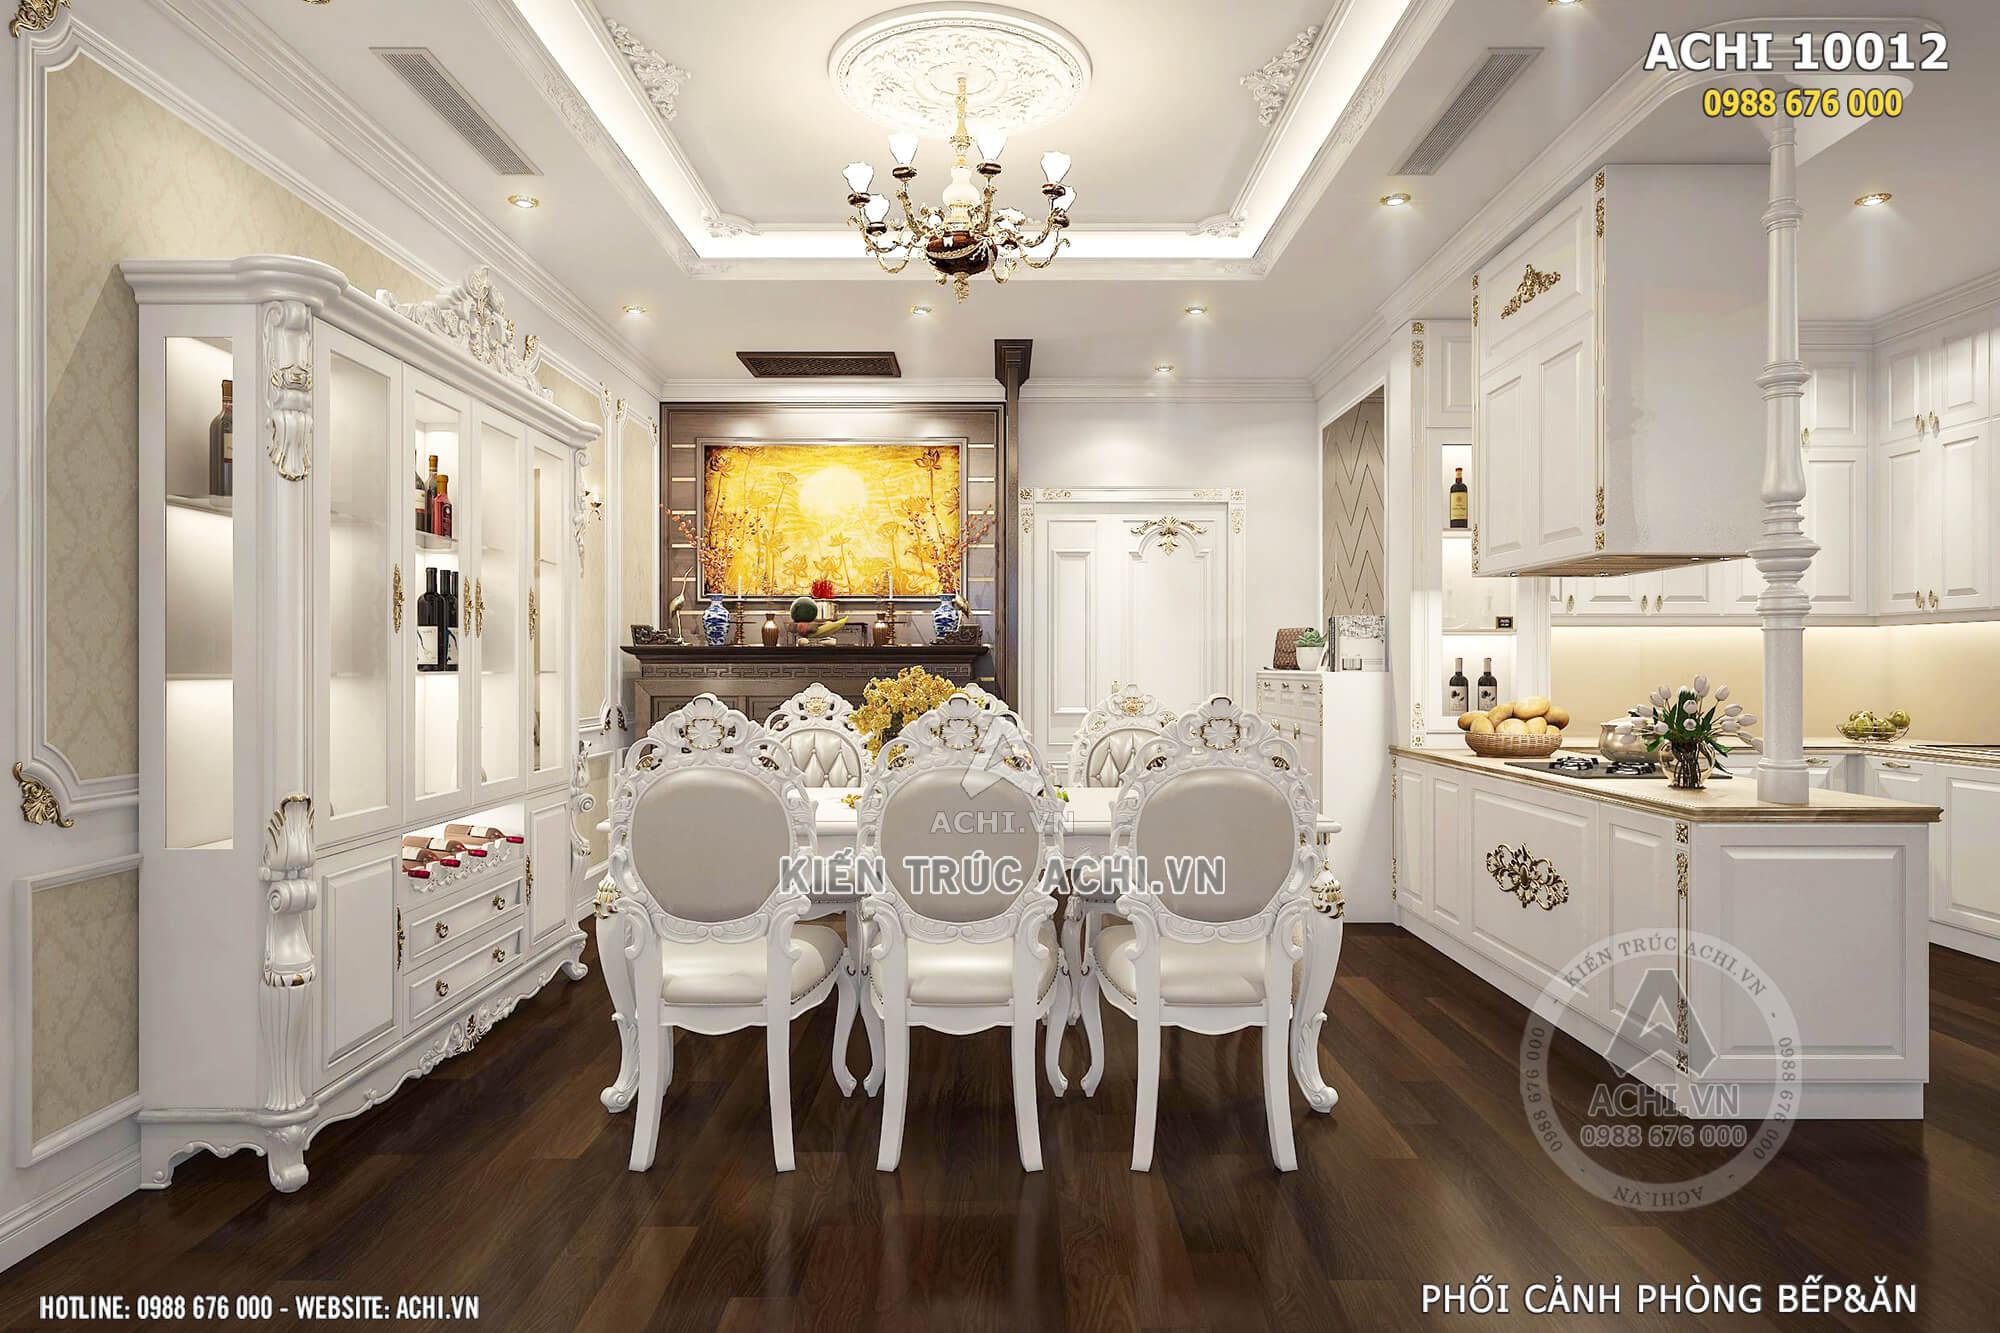 Phối cảnh phòng bếp và phòng ăn căn hộ cao cấp